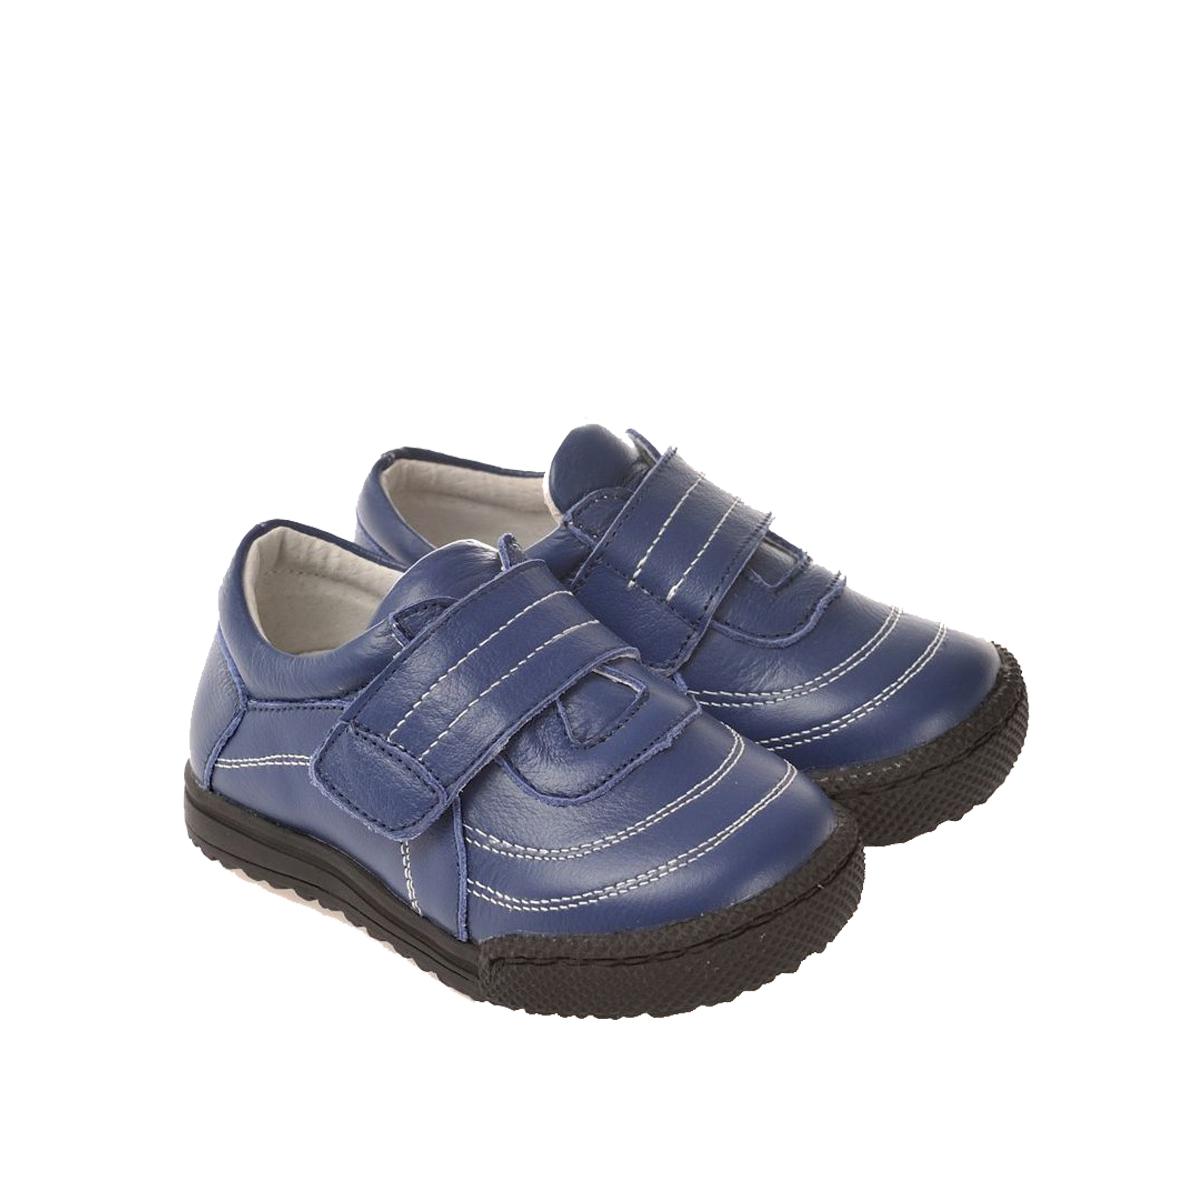 0c9c0b8fde99e Chaussures semelle souple ultra résistante Baskets à gros scratch